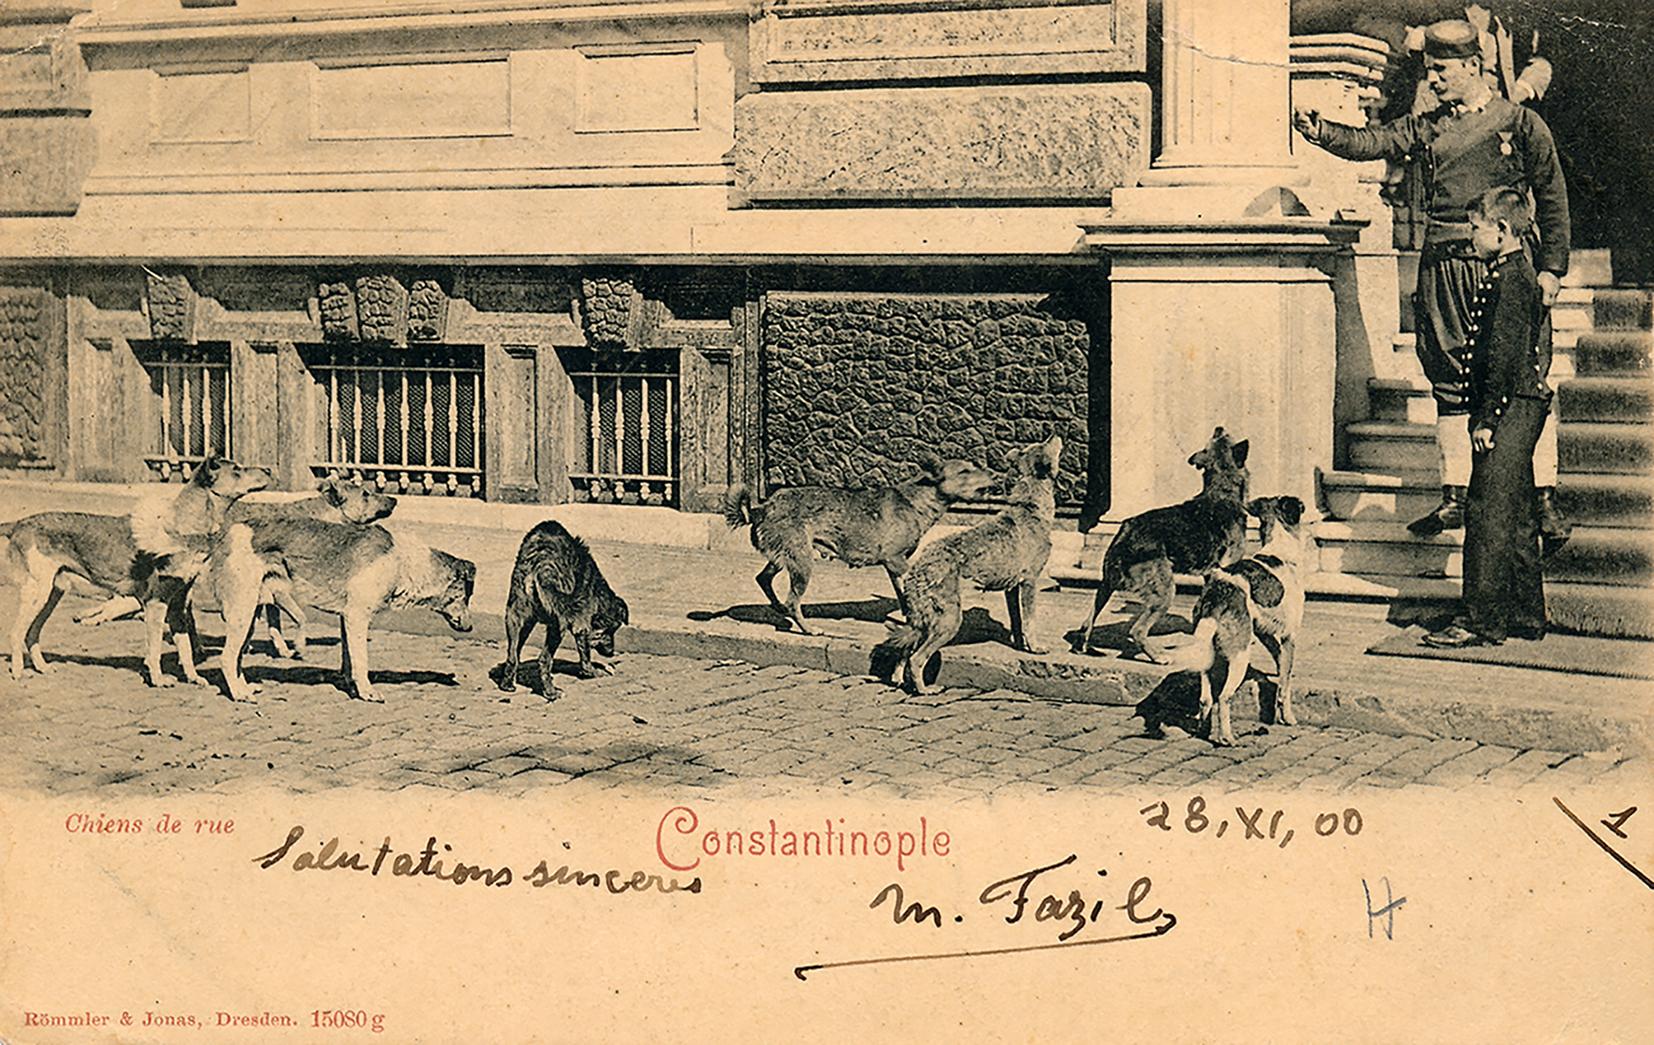 Bristol Oteli'nin (Pera Müzesi) önünde sokak köpekleri.